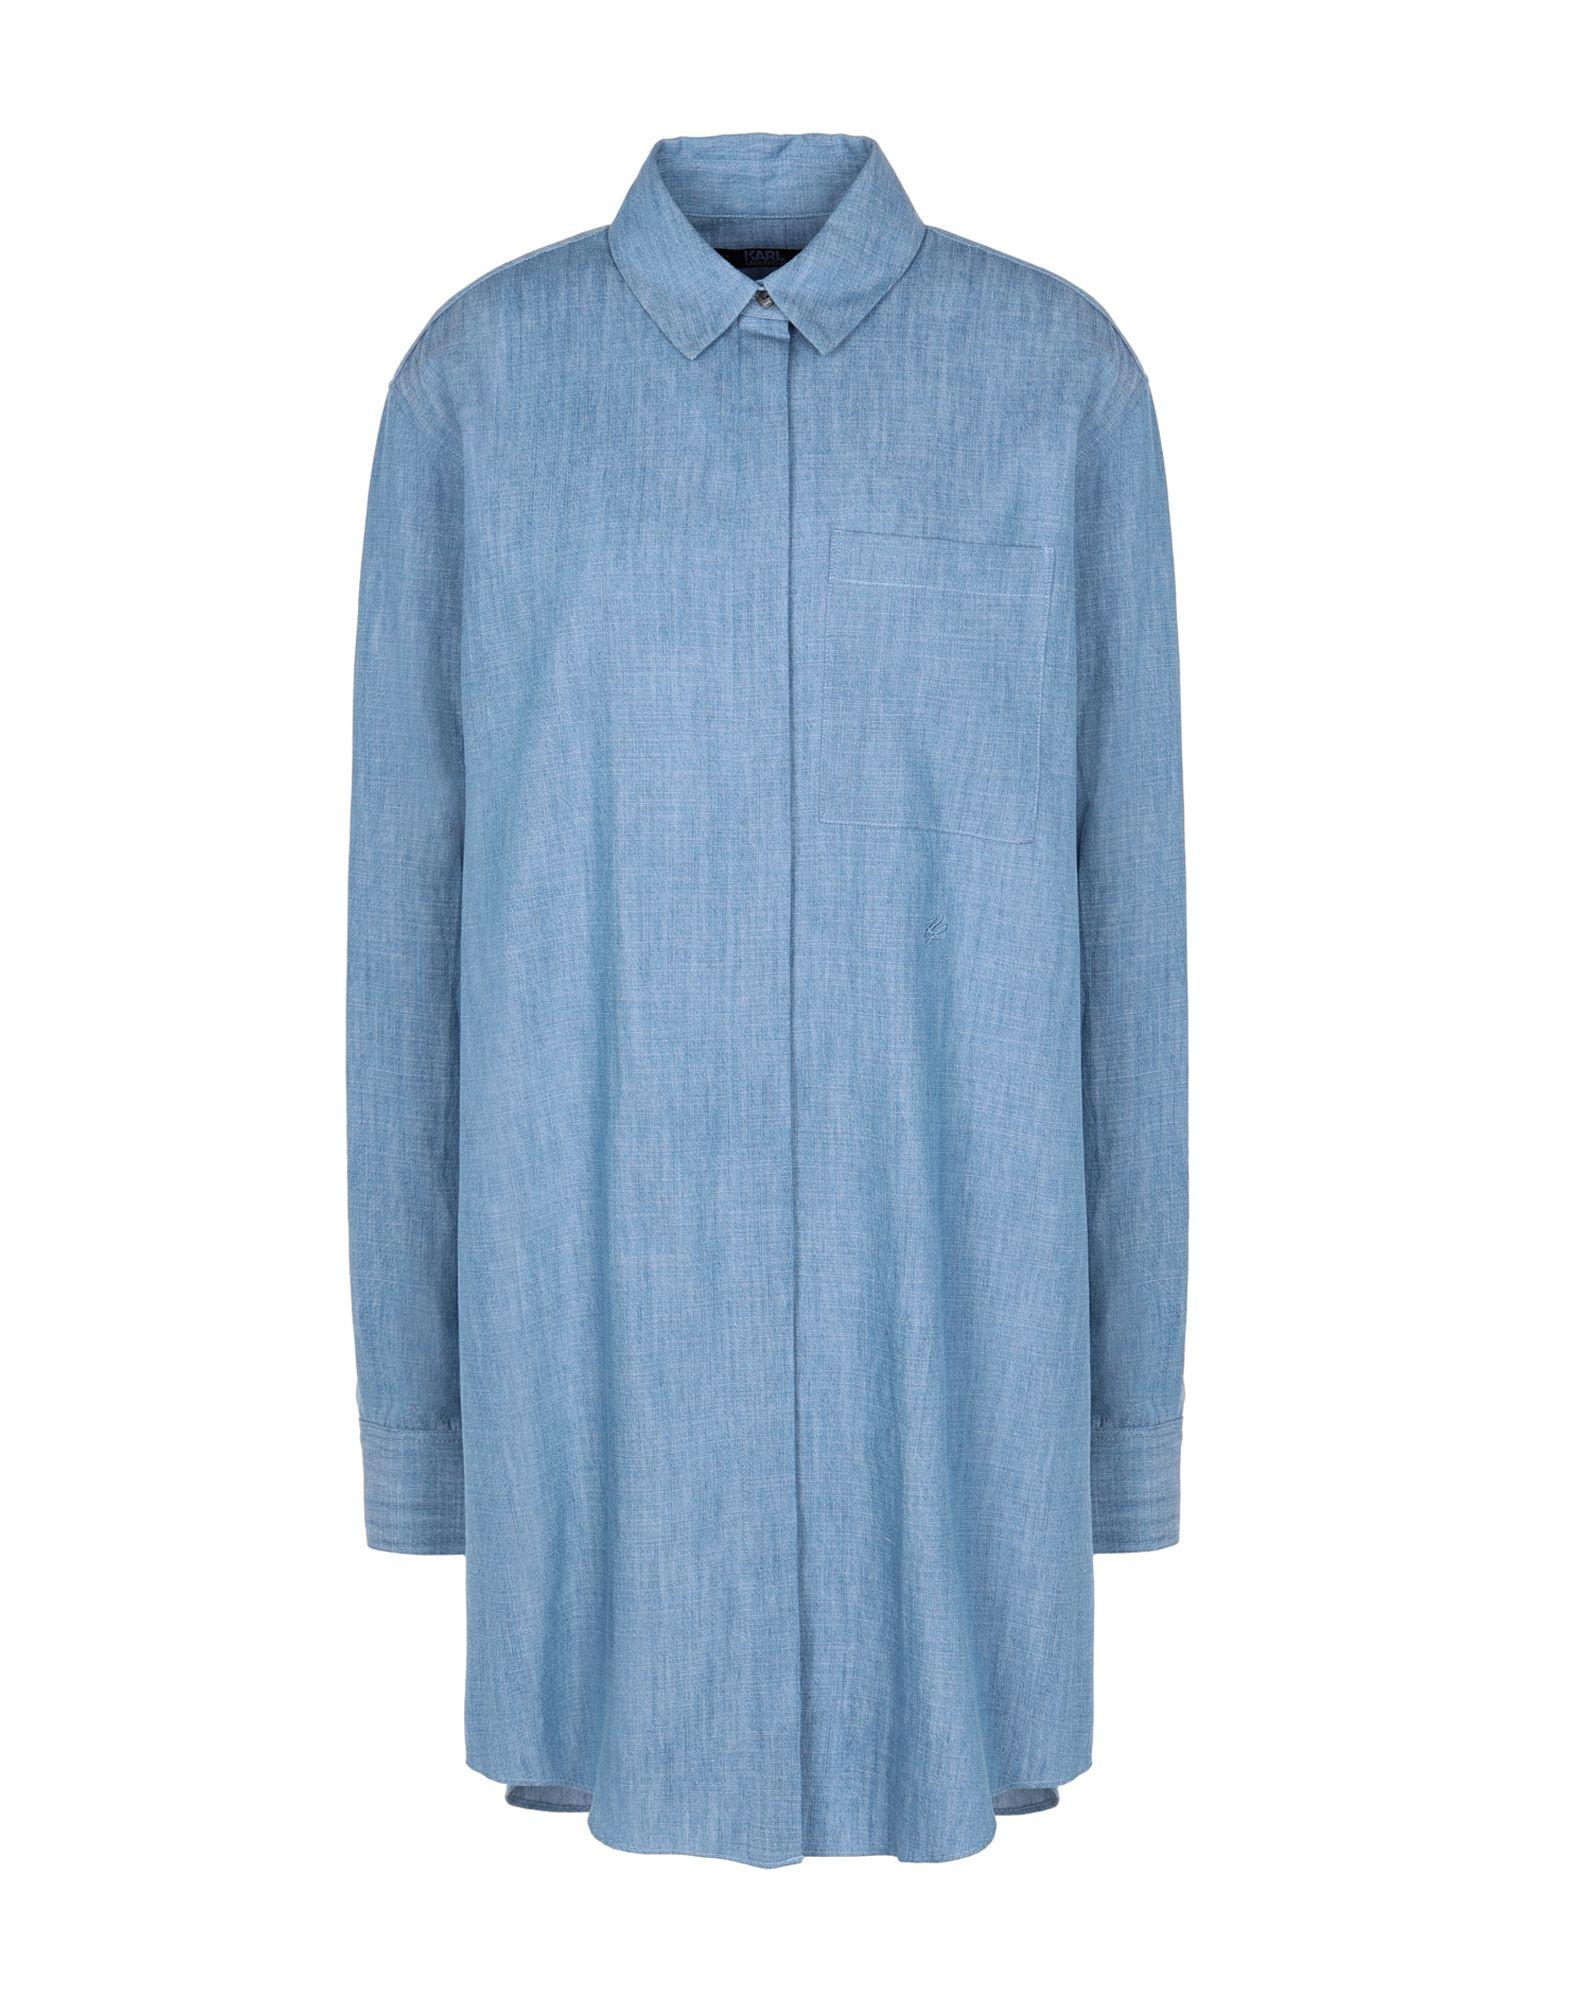 《セール開催中》KARL LAGERFELD レディース シャツ パステルブルー 38 コットン 100% EMBELLISHED COTTON SHIRT